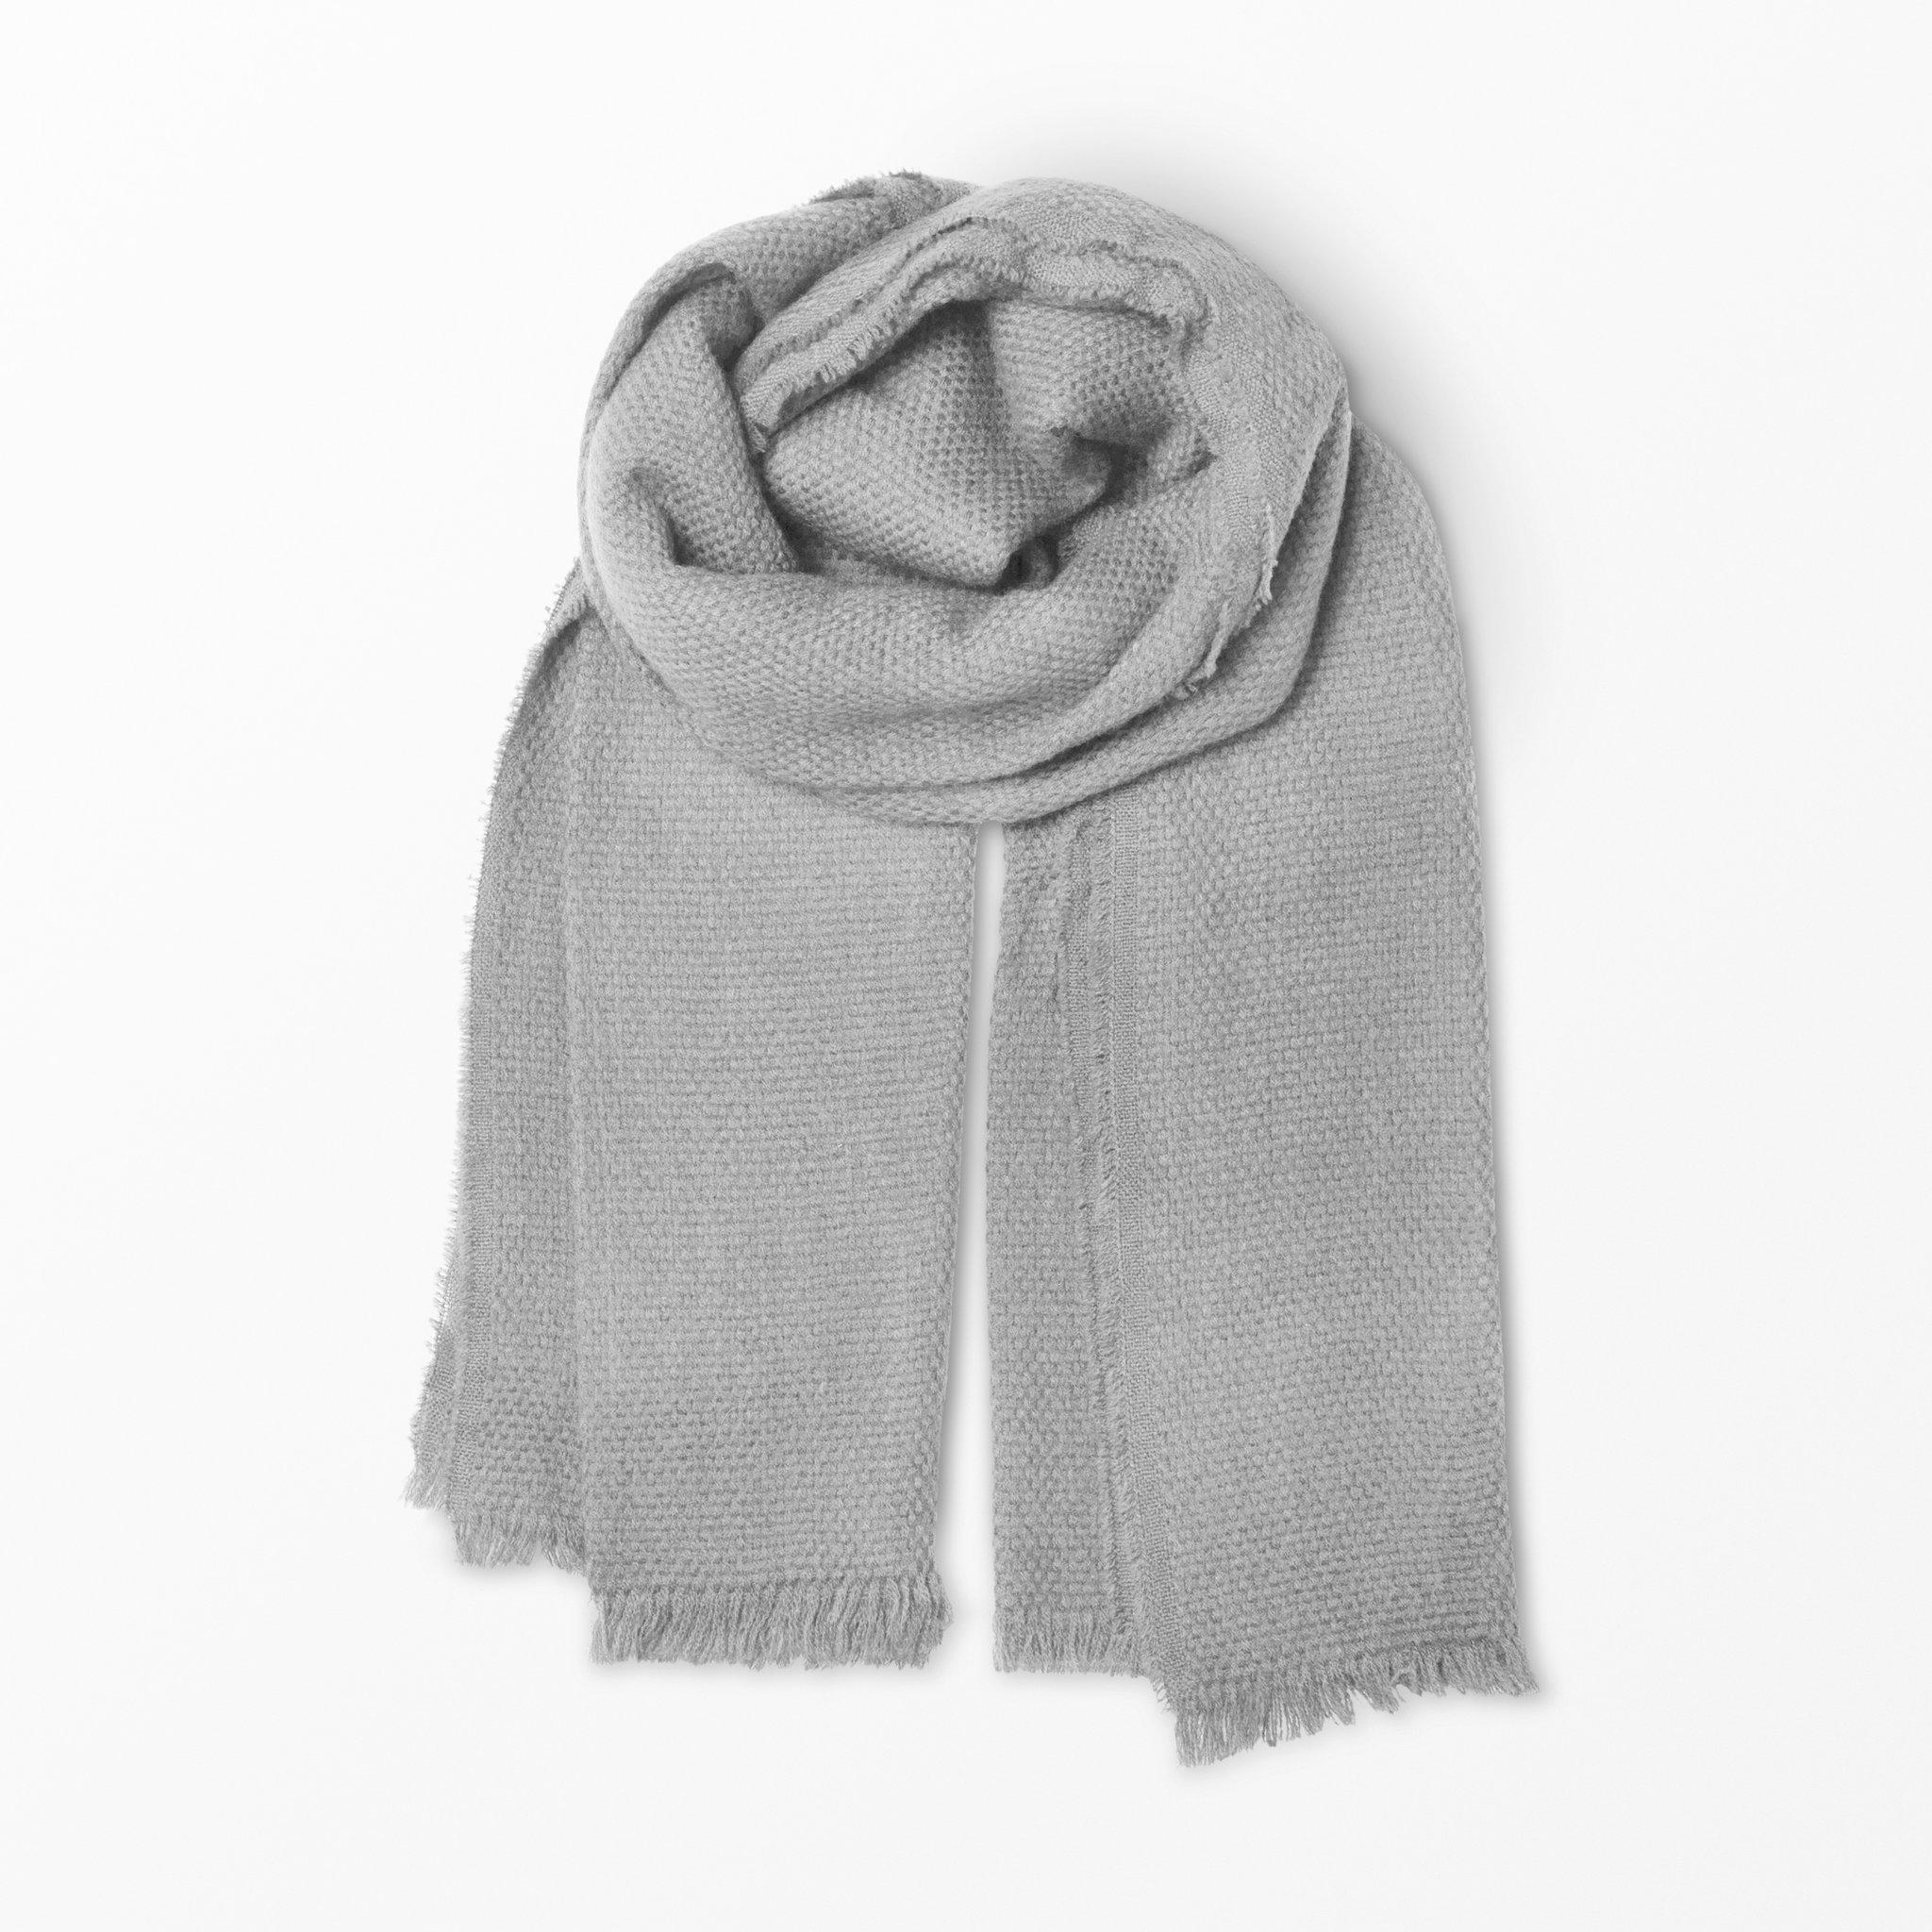 Halsduk - Halsdukar   scarves- Köp online på åhlens.se! d2e8ff47237bc